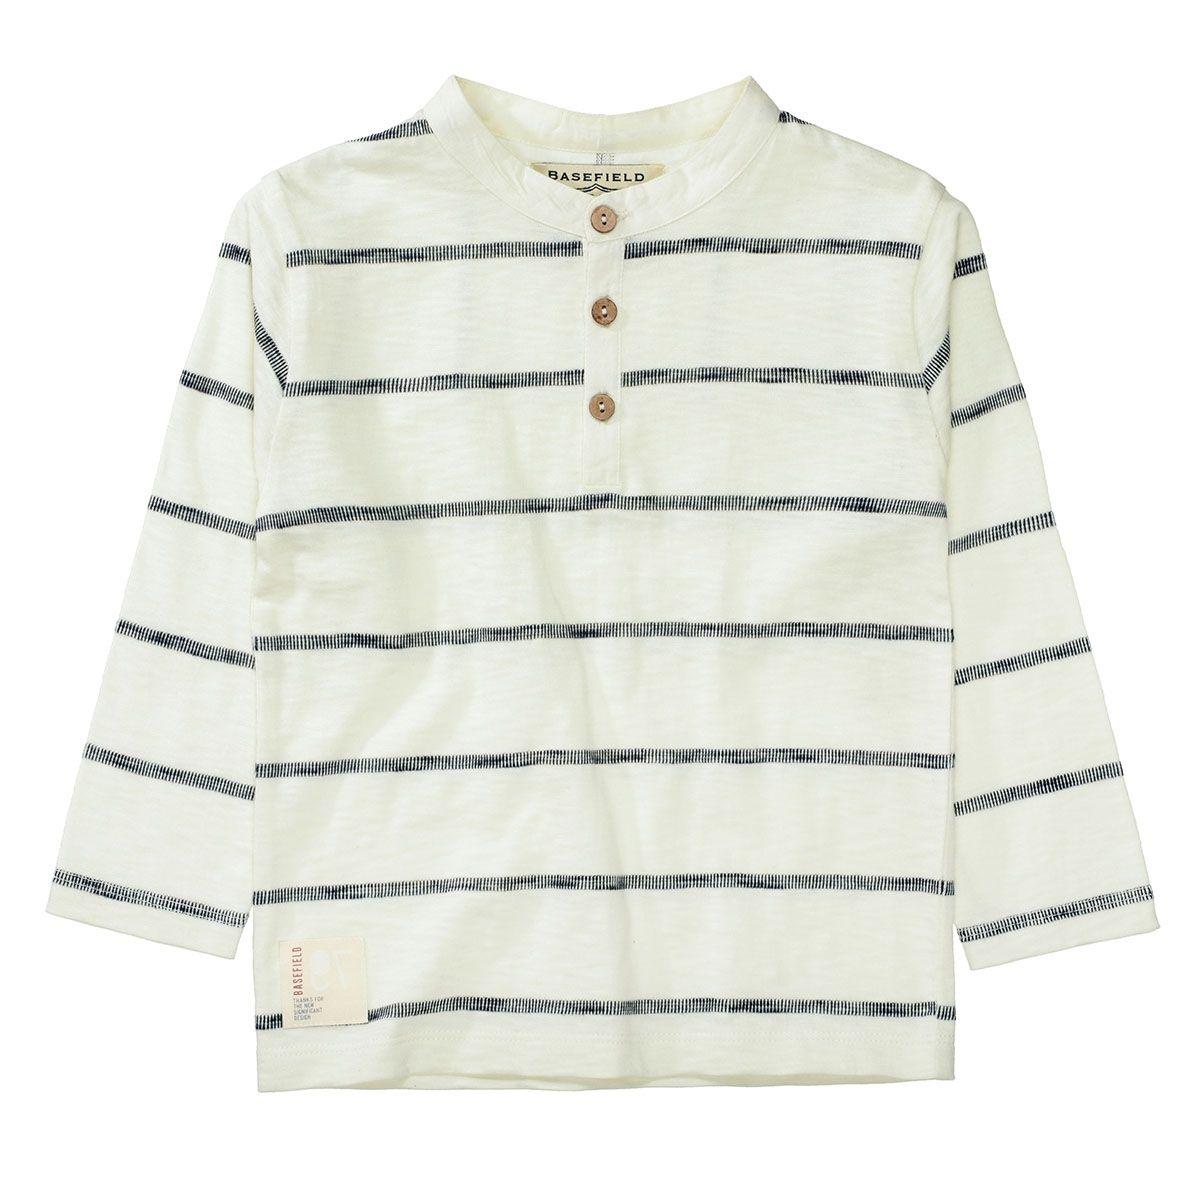 BASEFIELD Langarmshirt Streifen aus reiner Baumwolle - Ecru